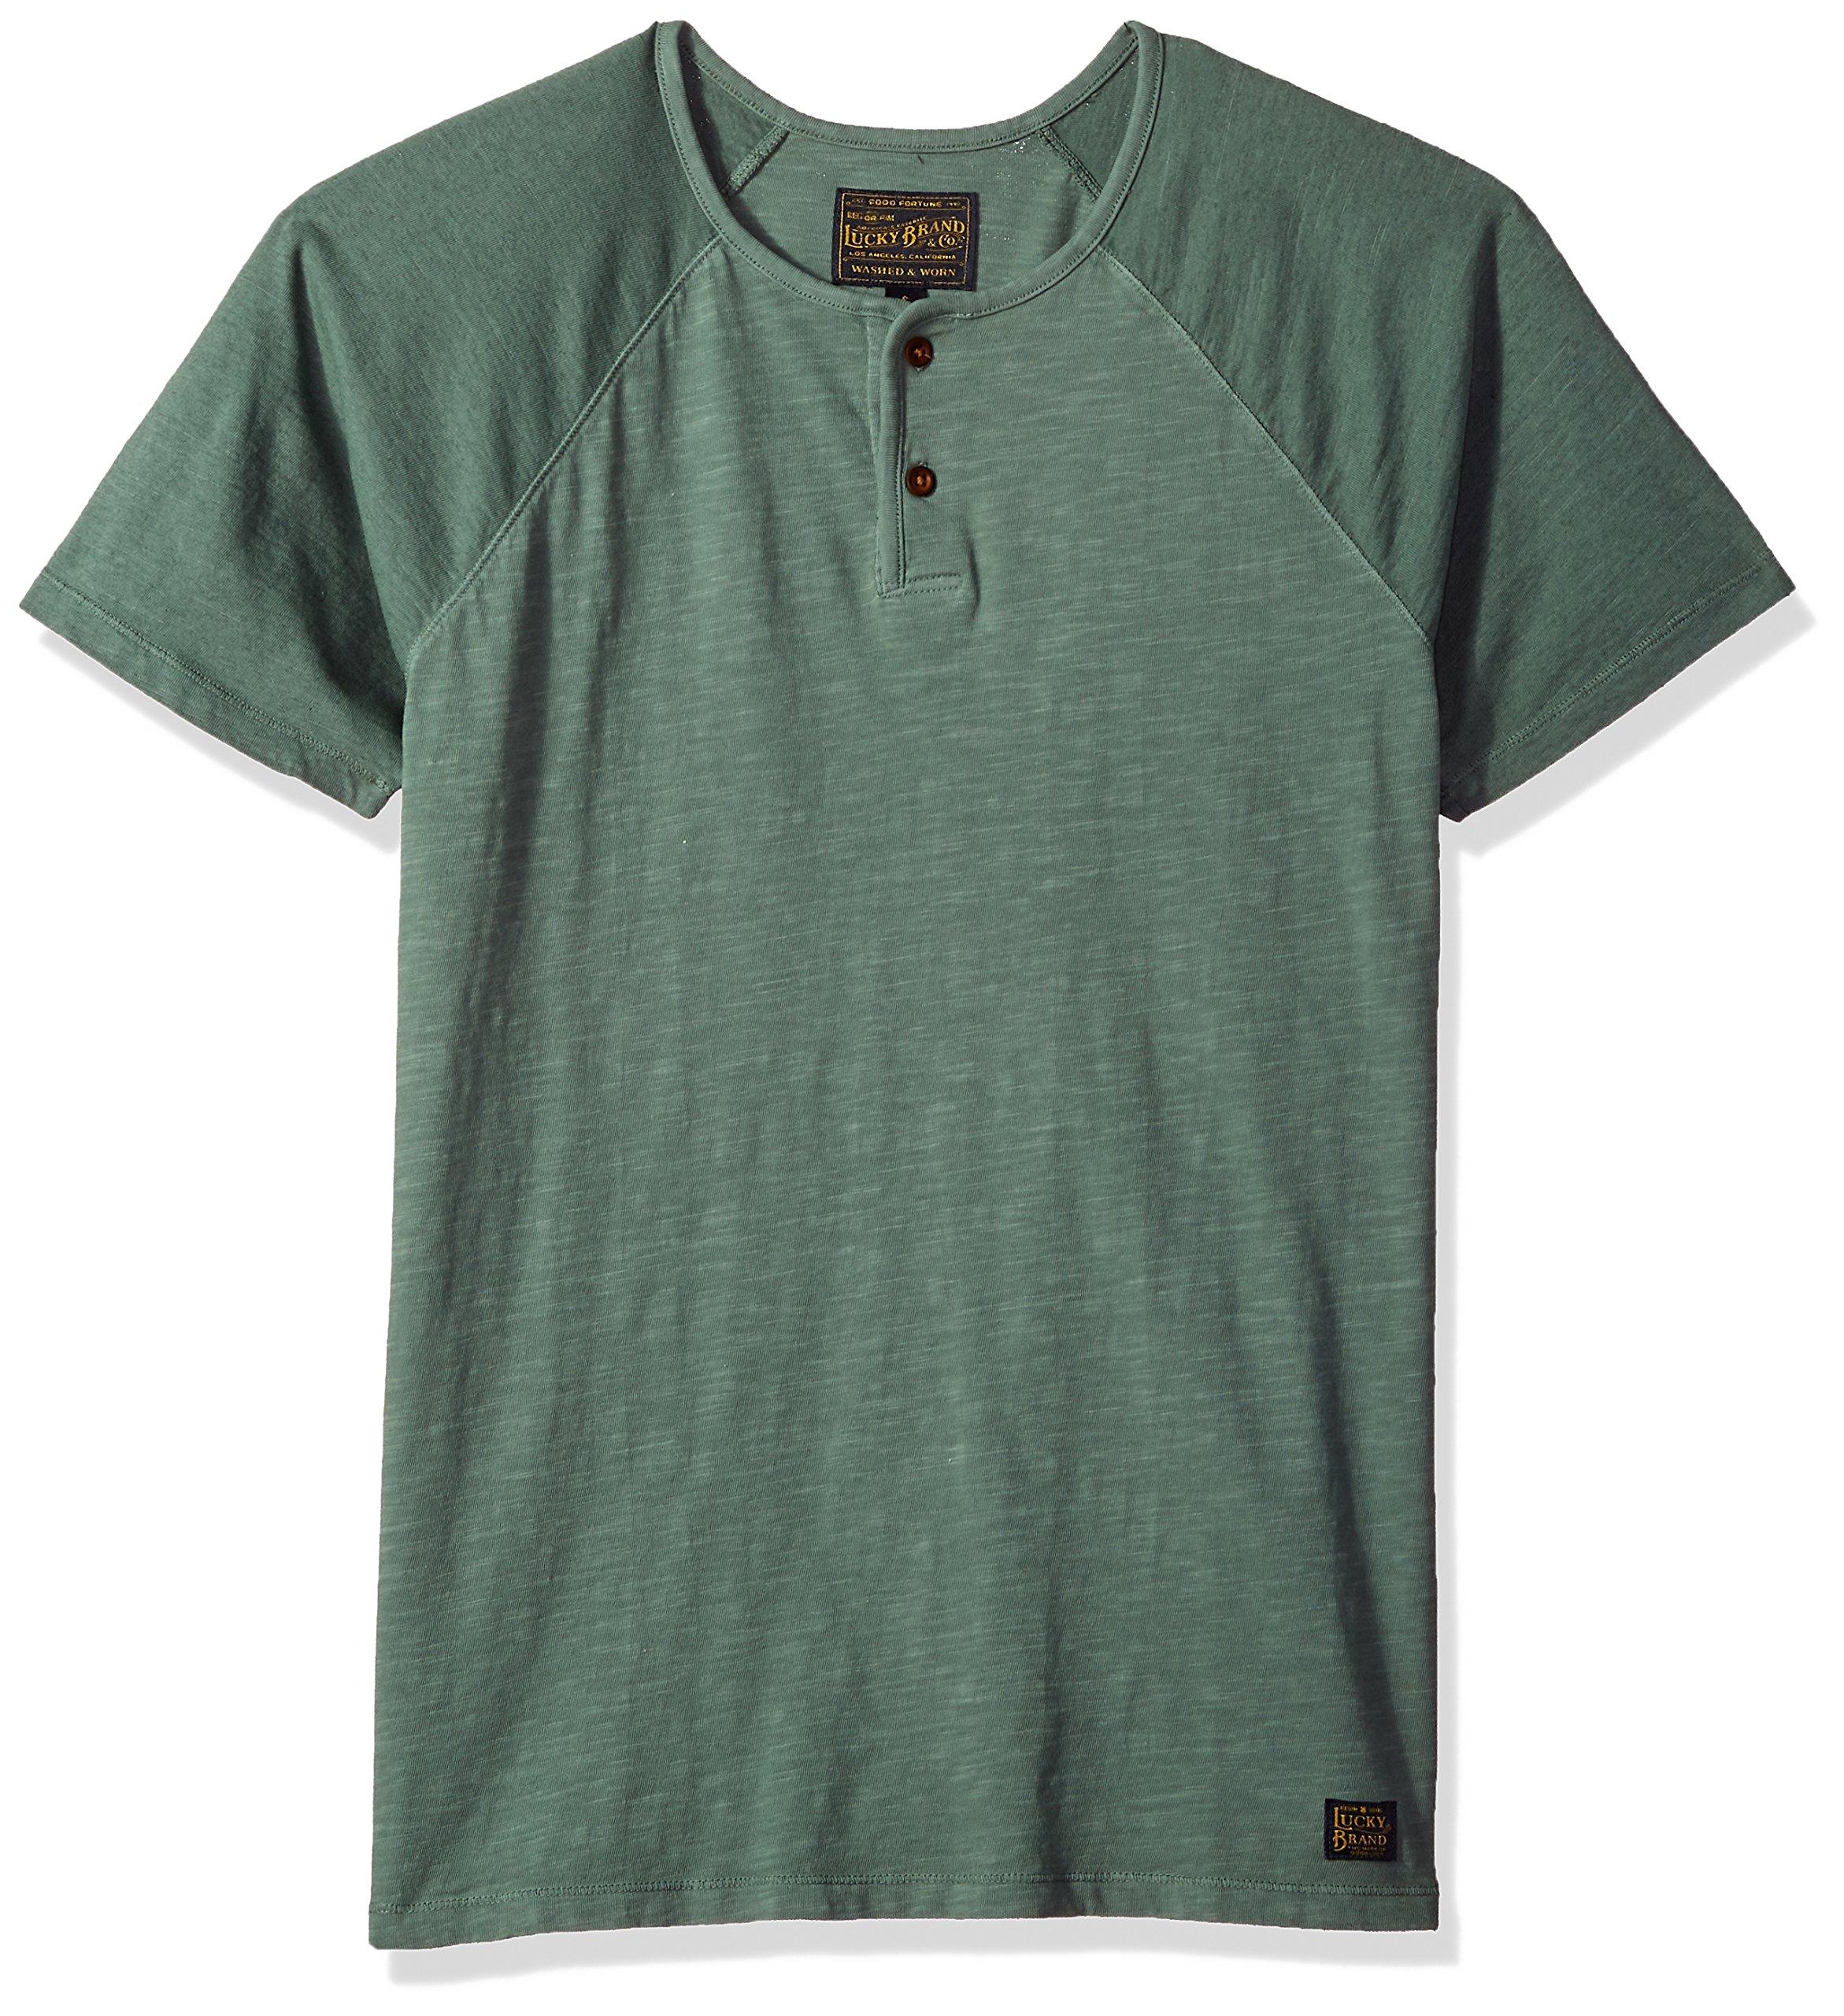 Lucky Brand Men's Colorblock Baseball Henley TEE Shirt, Laurel Wreath, M